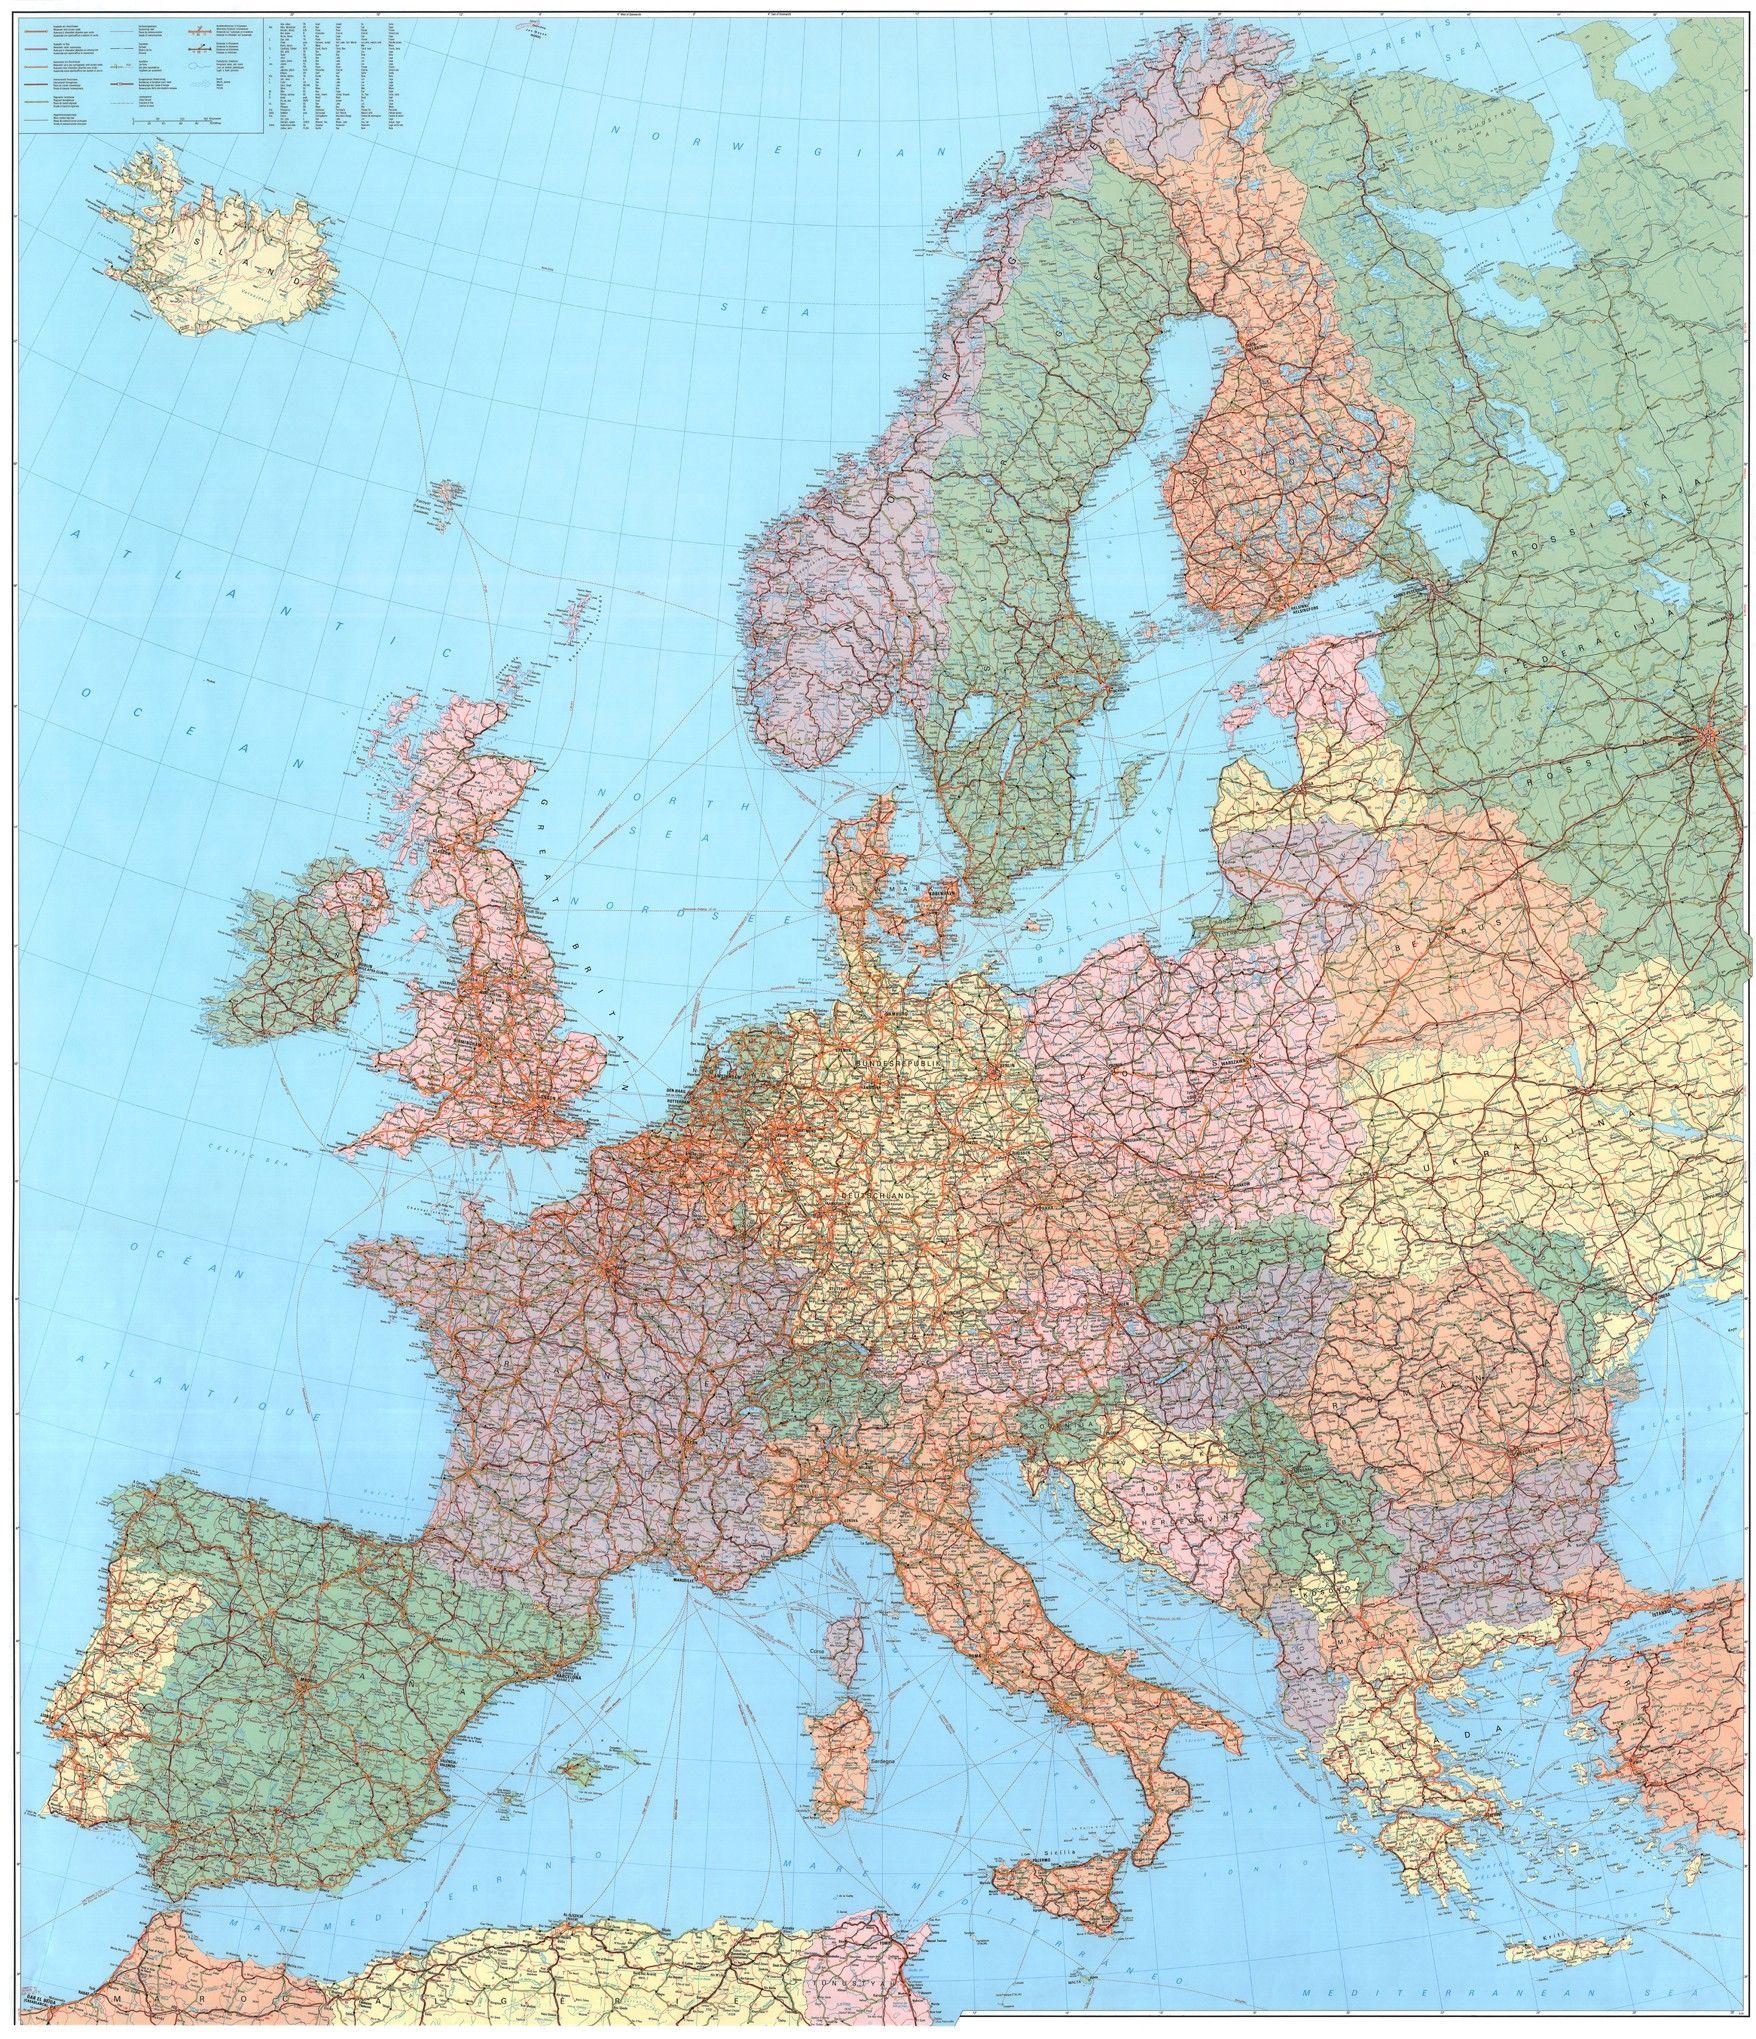 Europakaart D 1:2.750.000